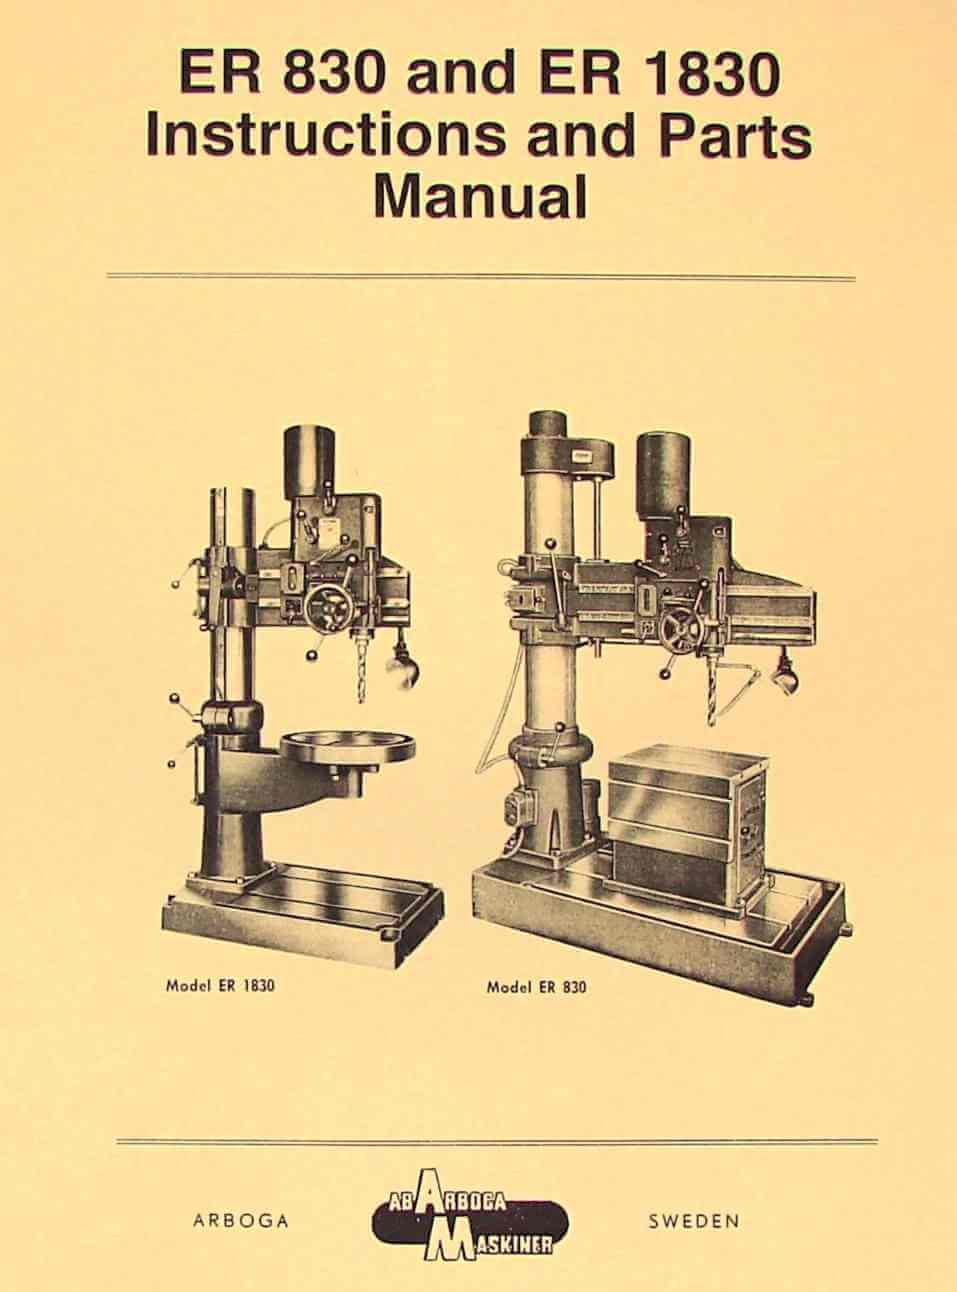 AB ARBOGA MASKINER ER 830 & ER 1830 Radial Drill Instructions & Parts Manual | Ozark Tool ...